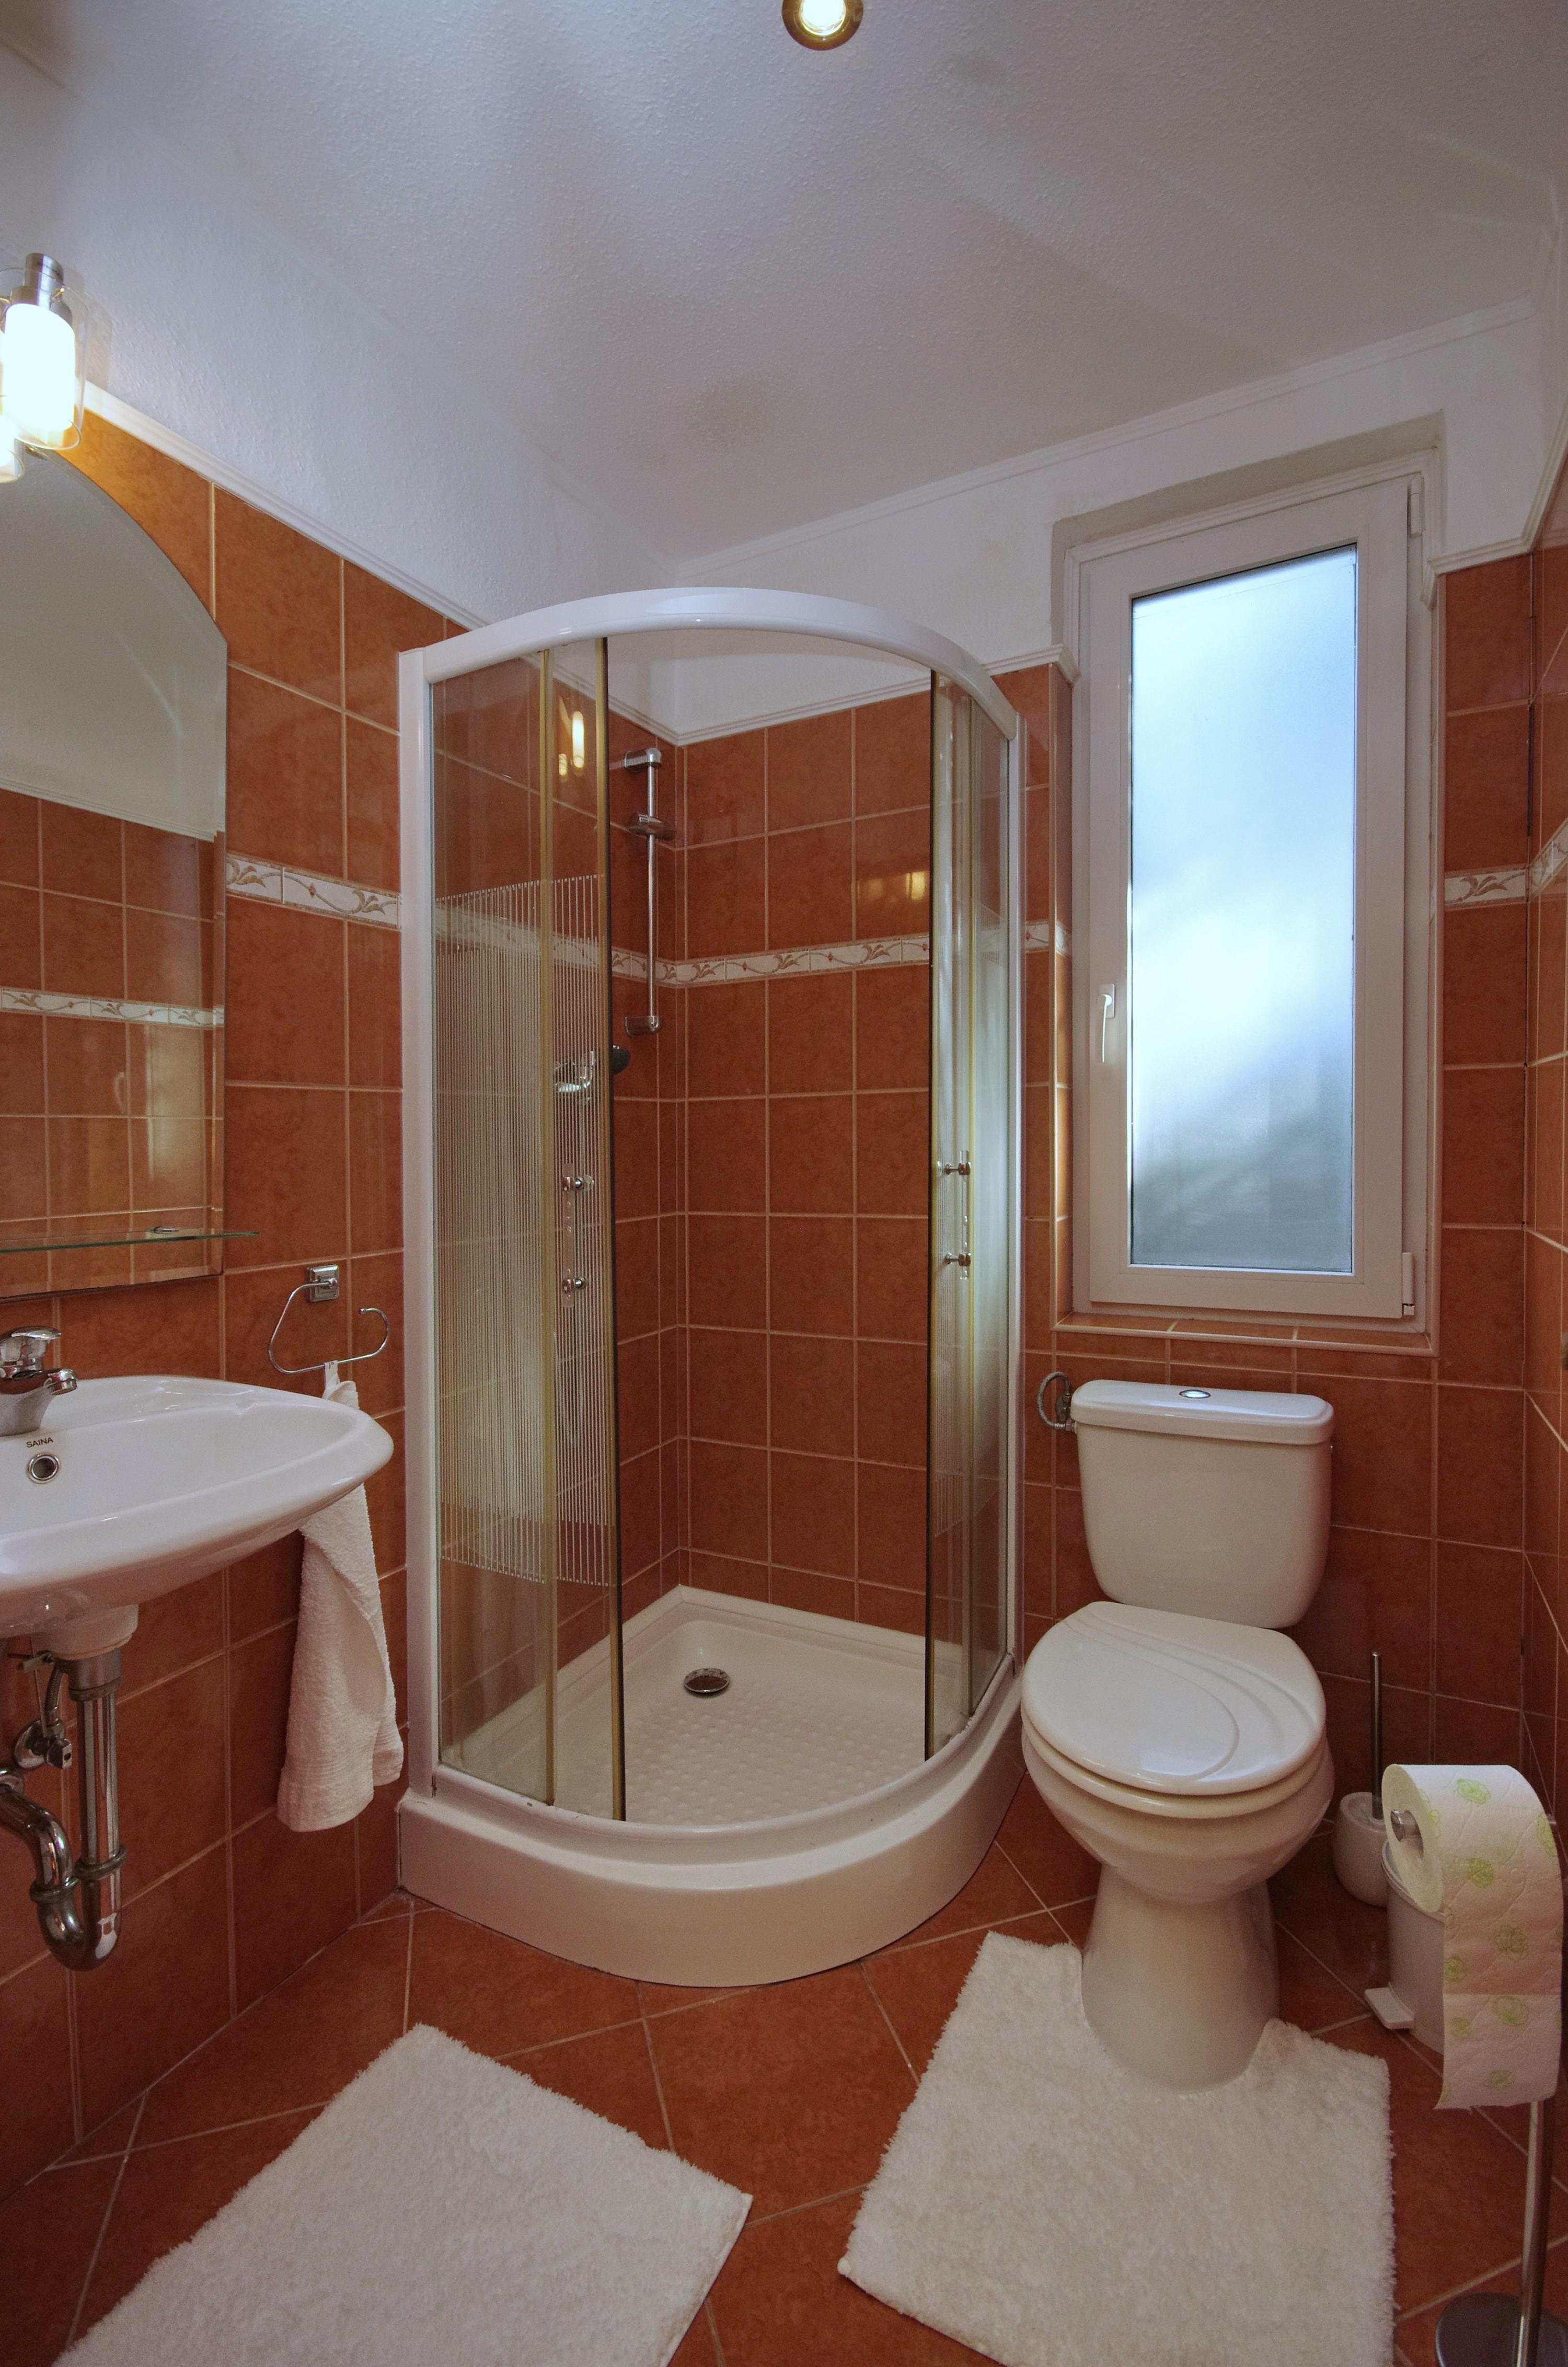 Nyári szobához tartozó fürdőszoba (Mosdó, zuhanykabin,WC) a gyulai Bodza apartmanban